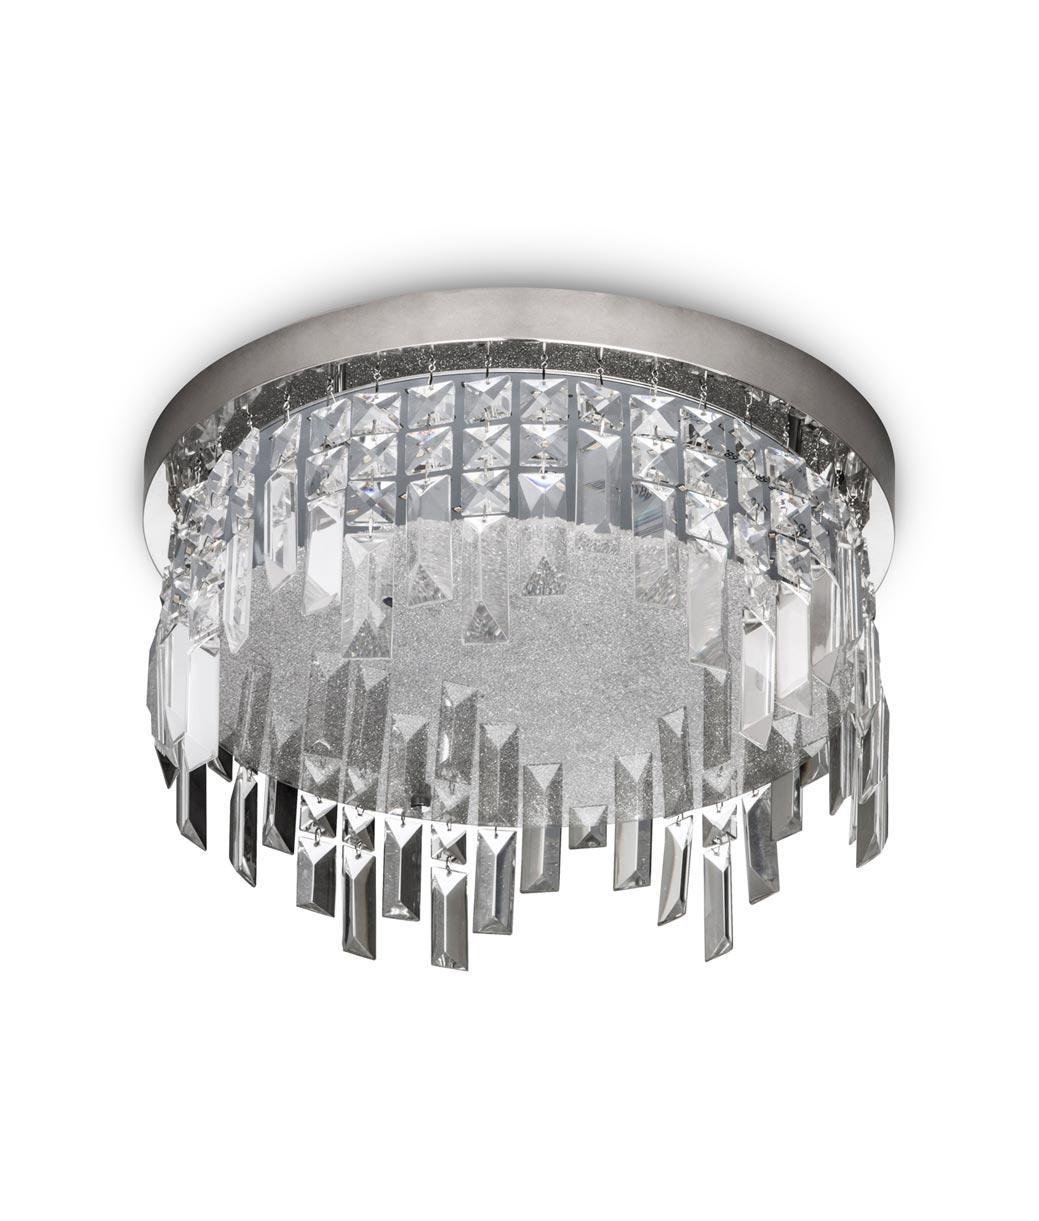 Plafón cristal circular KAWAI LED detalle 2 - La Casa de la Lámpara